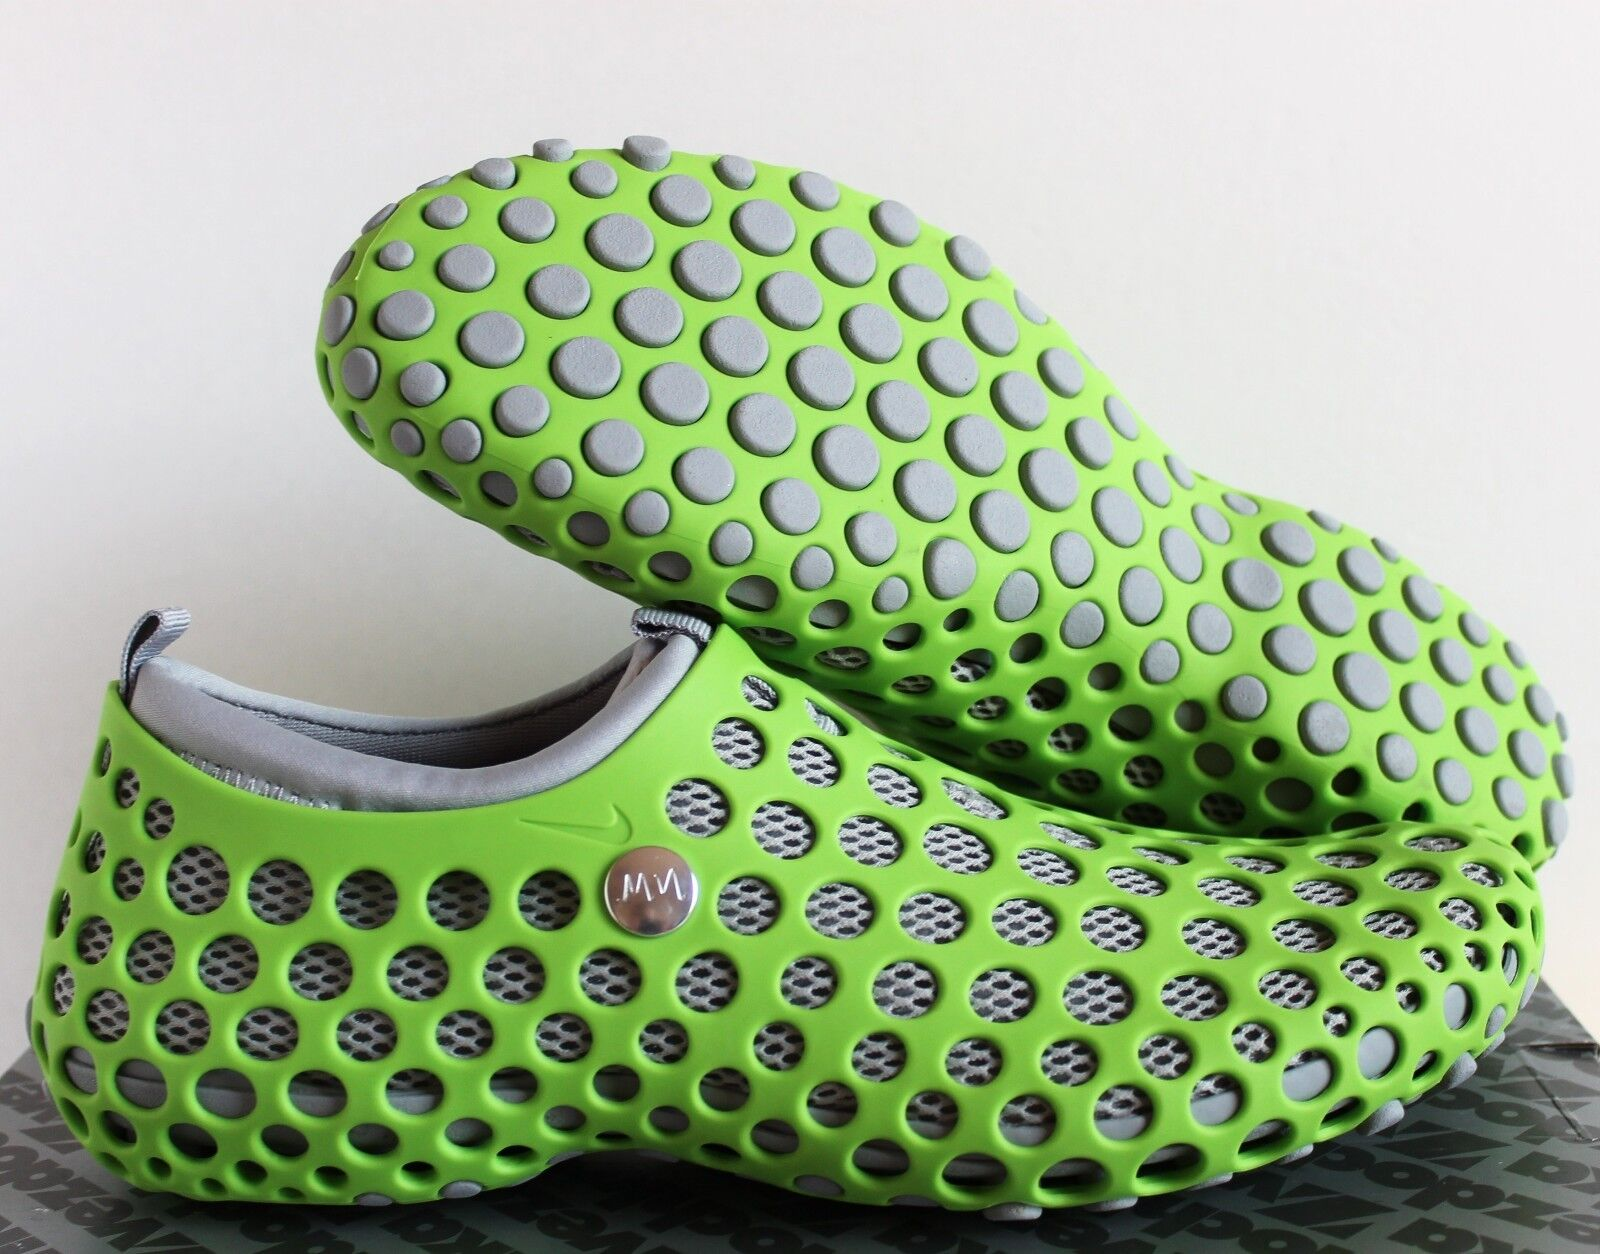 Nike ZVEZDOCHKA SP  MARC NEWSON NEWSON NEWSON  KIWI verde Uomo sz 5  Wmns sz 6.5  [749431-300] 52f75e